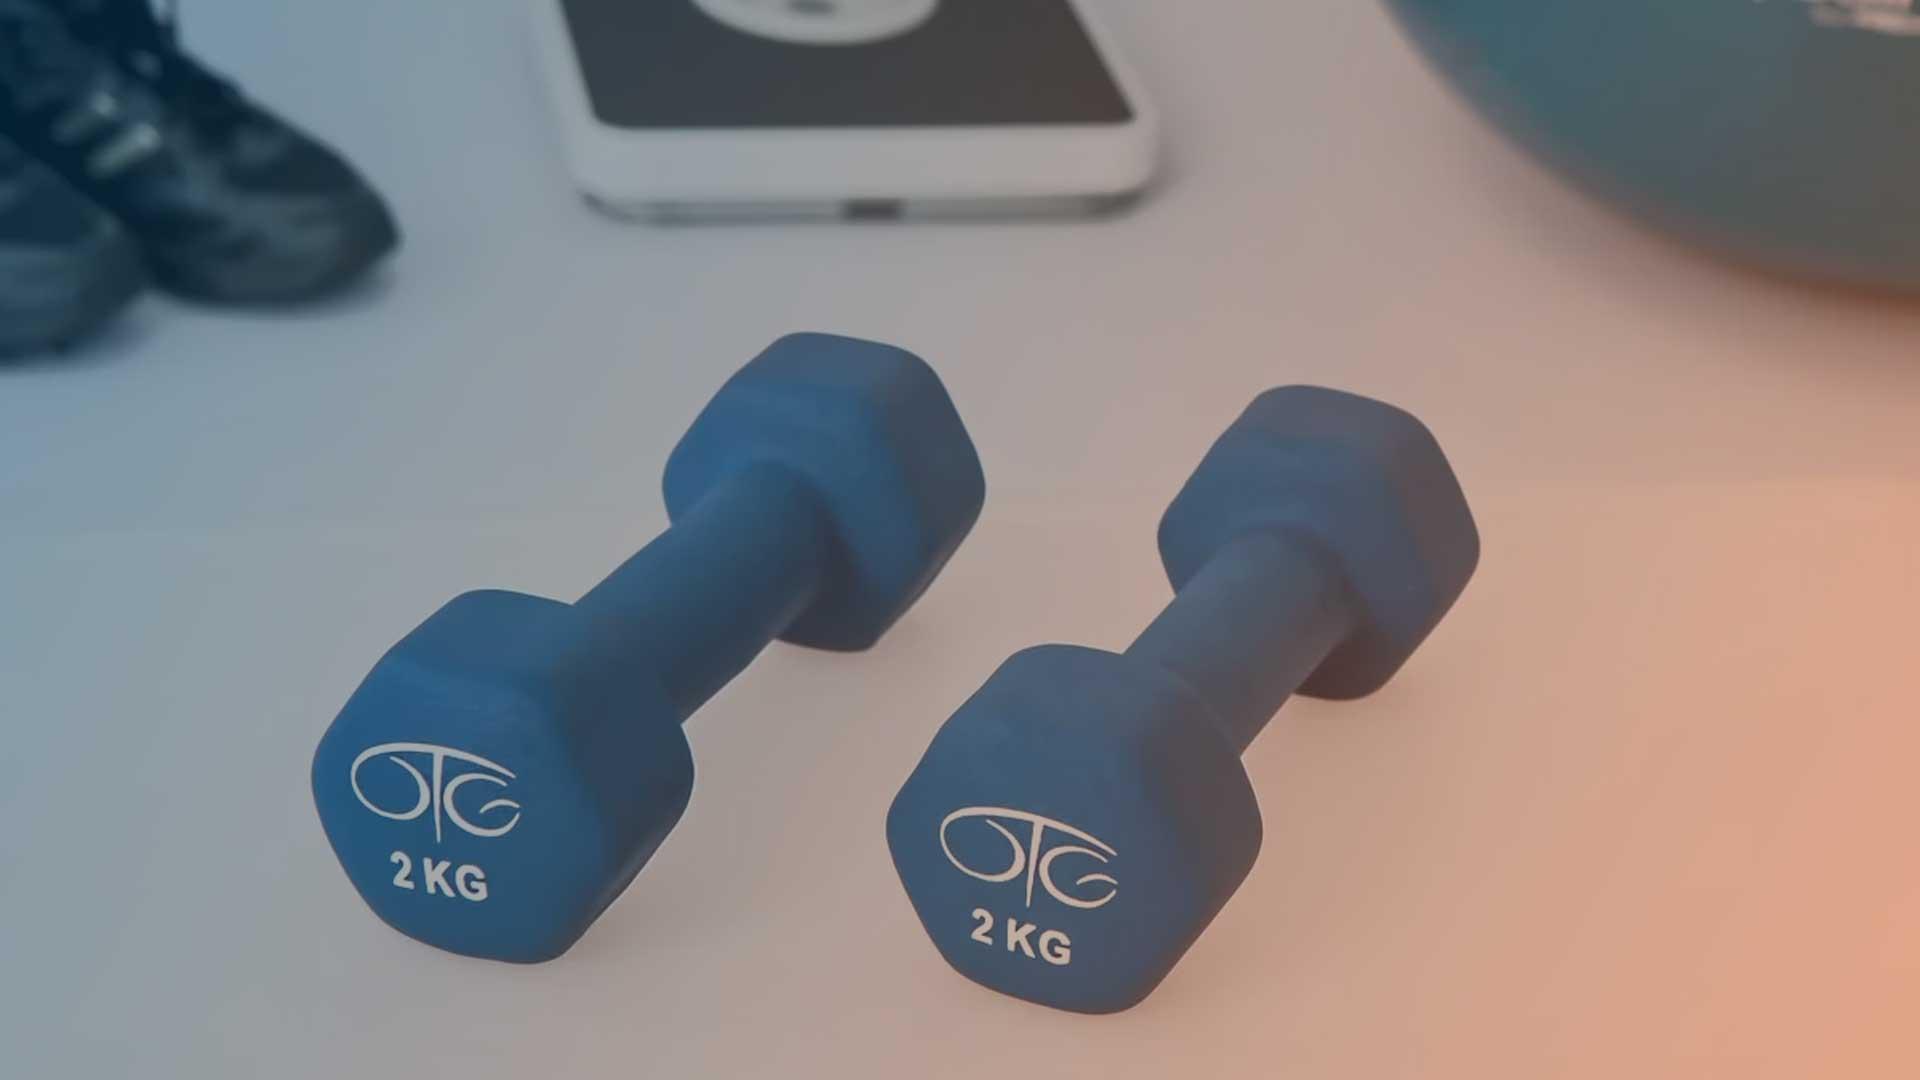 Lungensport Informationsvideos